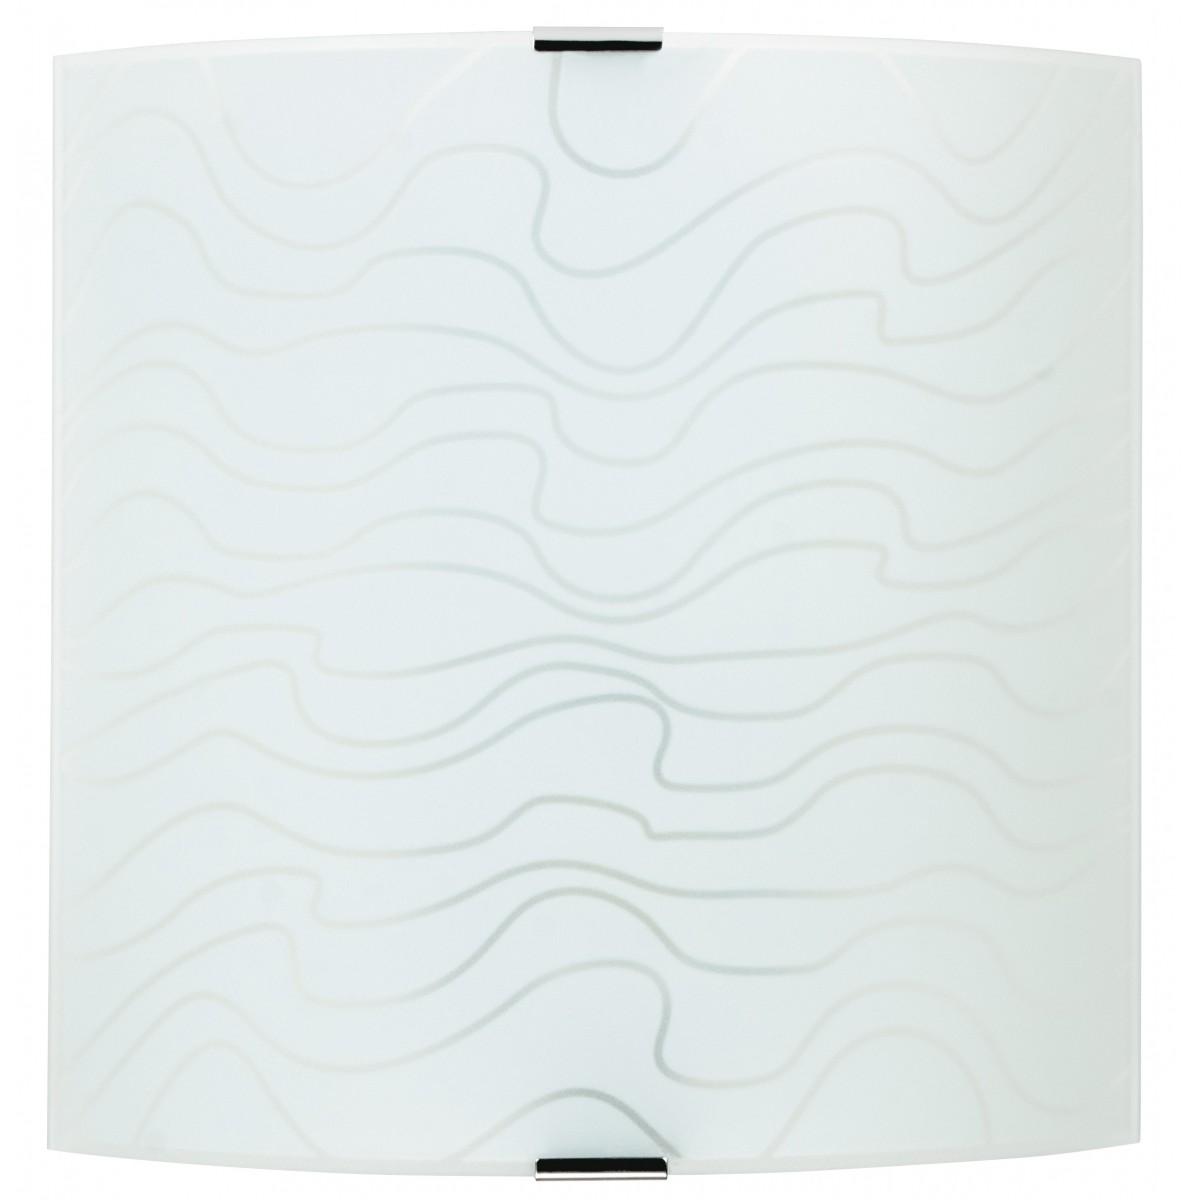 272/00412 - Applique murale carrée en verre blanc avec décoration intérieure moderne E27